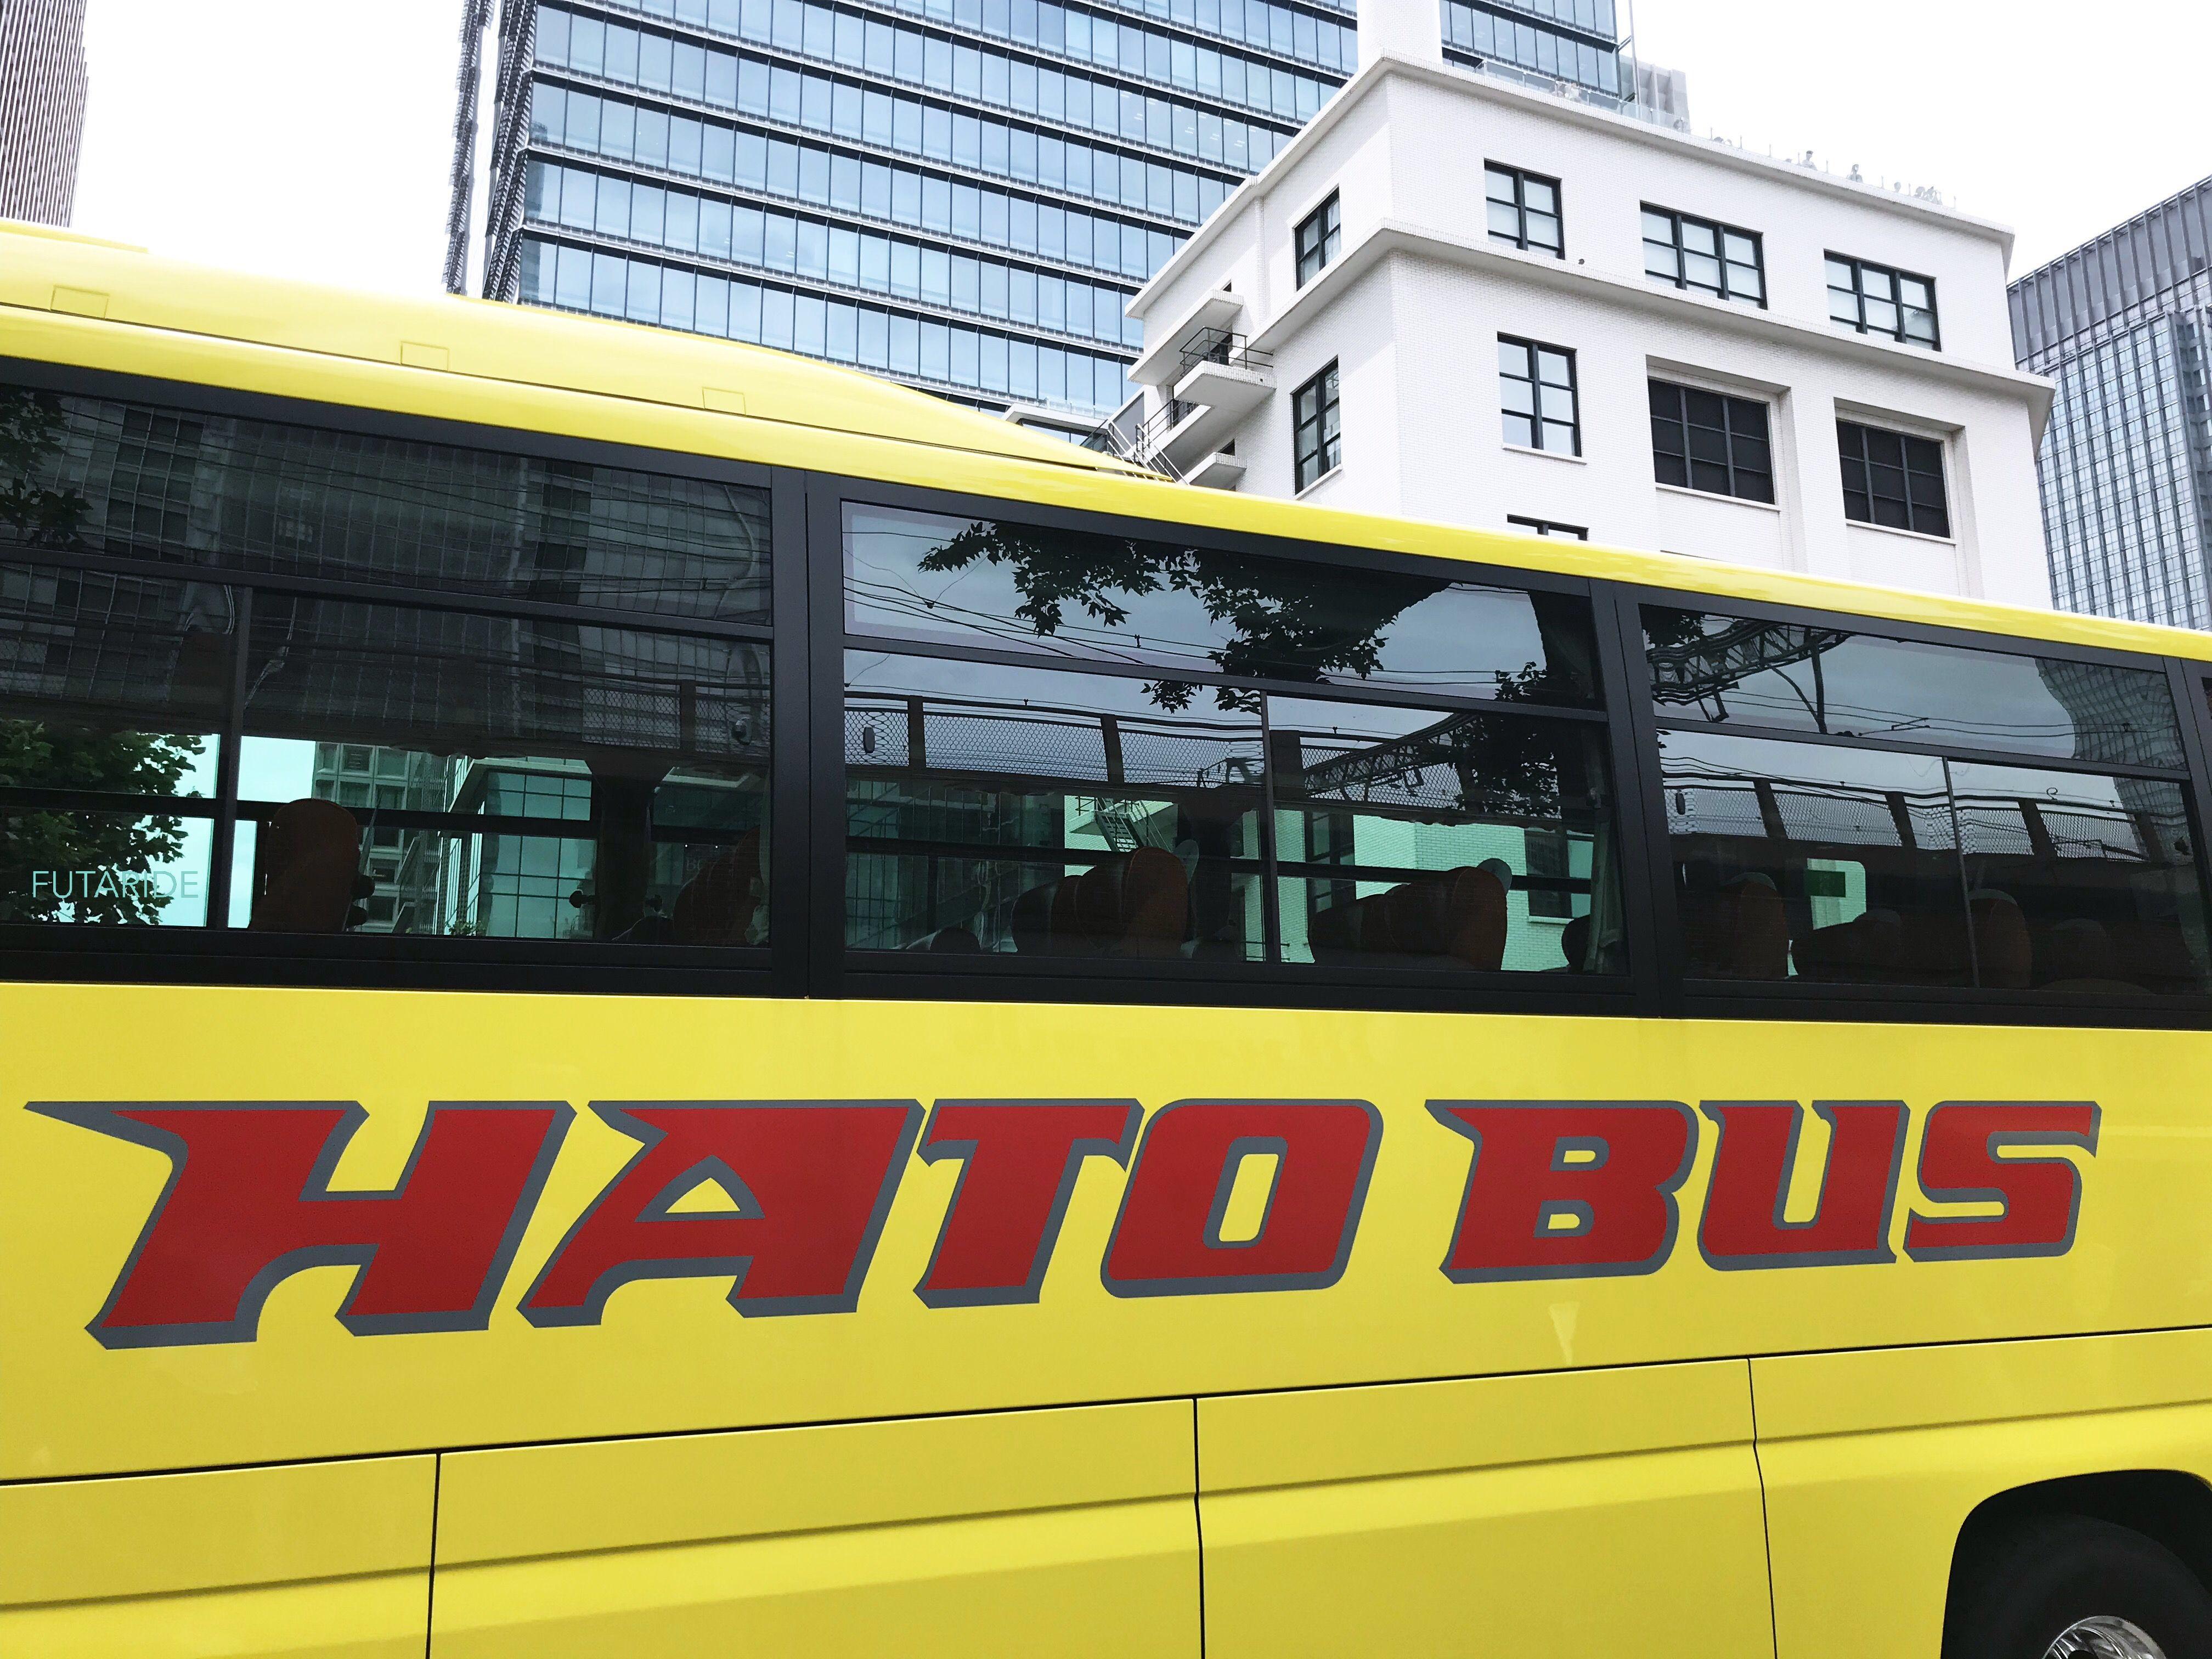 【はとバスデート】デートのついでに観光も?はとバスでデートしてみない?